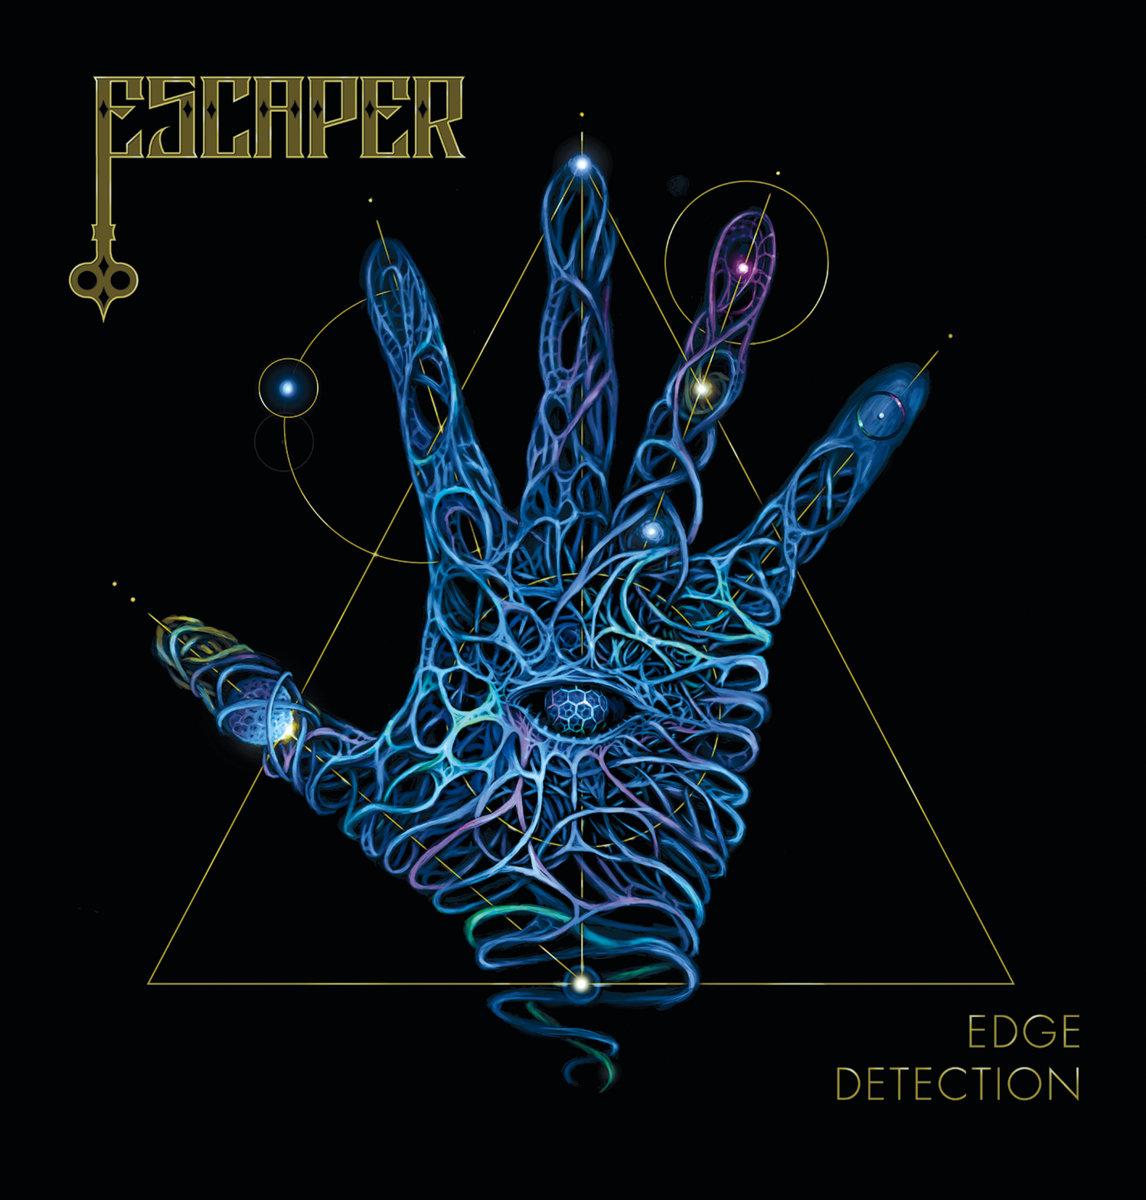 Edge Detection | Escaper